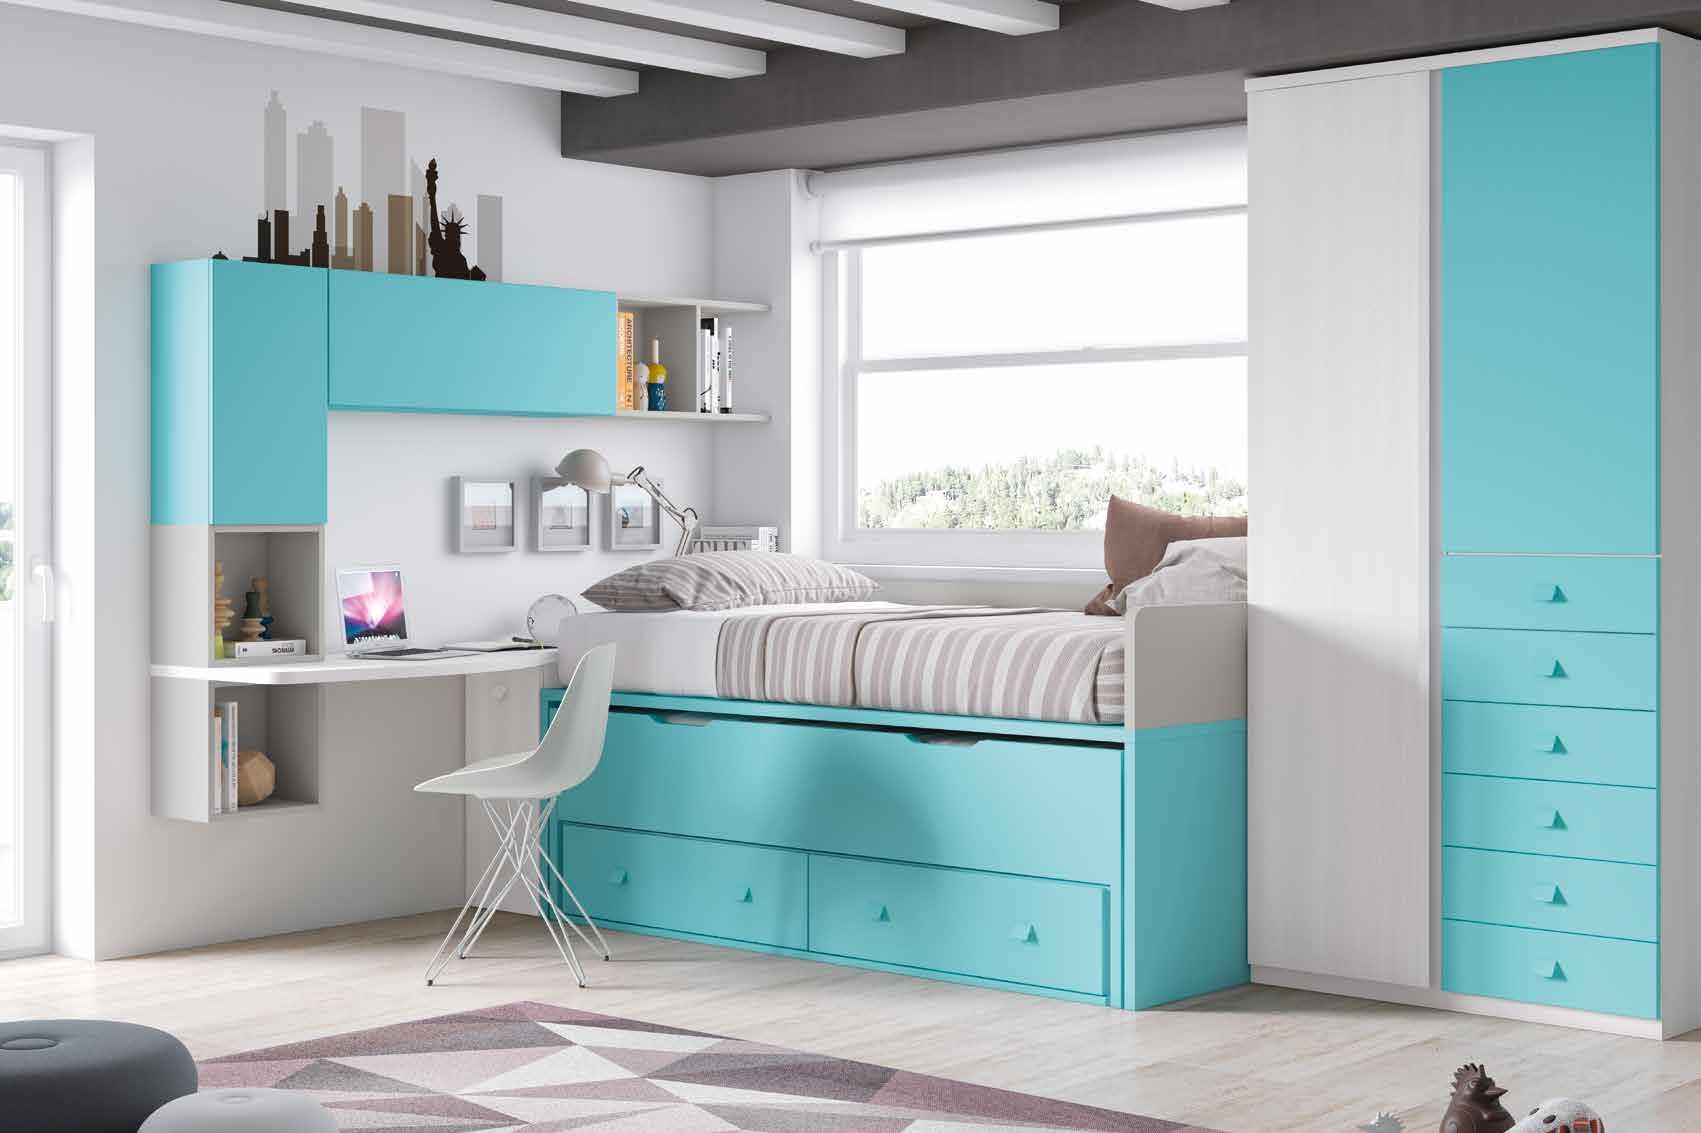 279-dormitorios-f-4